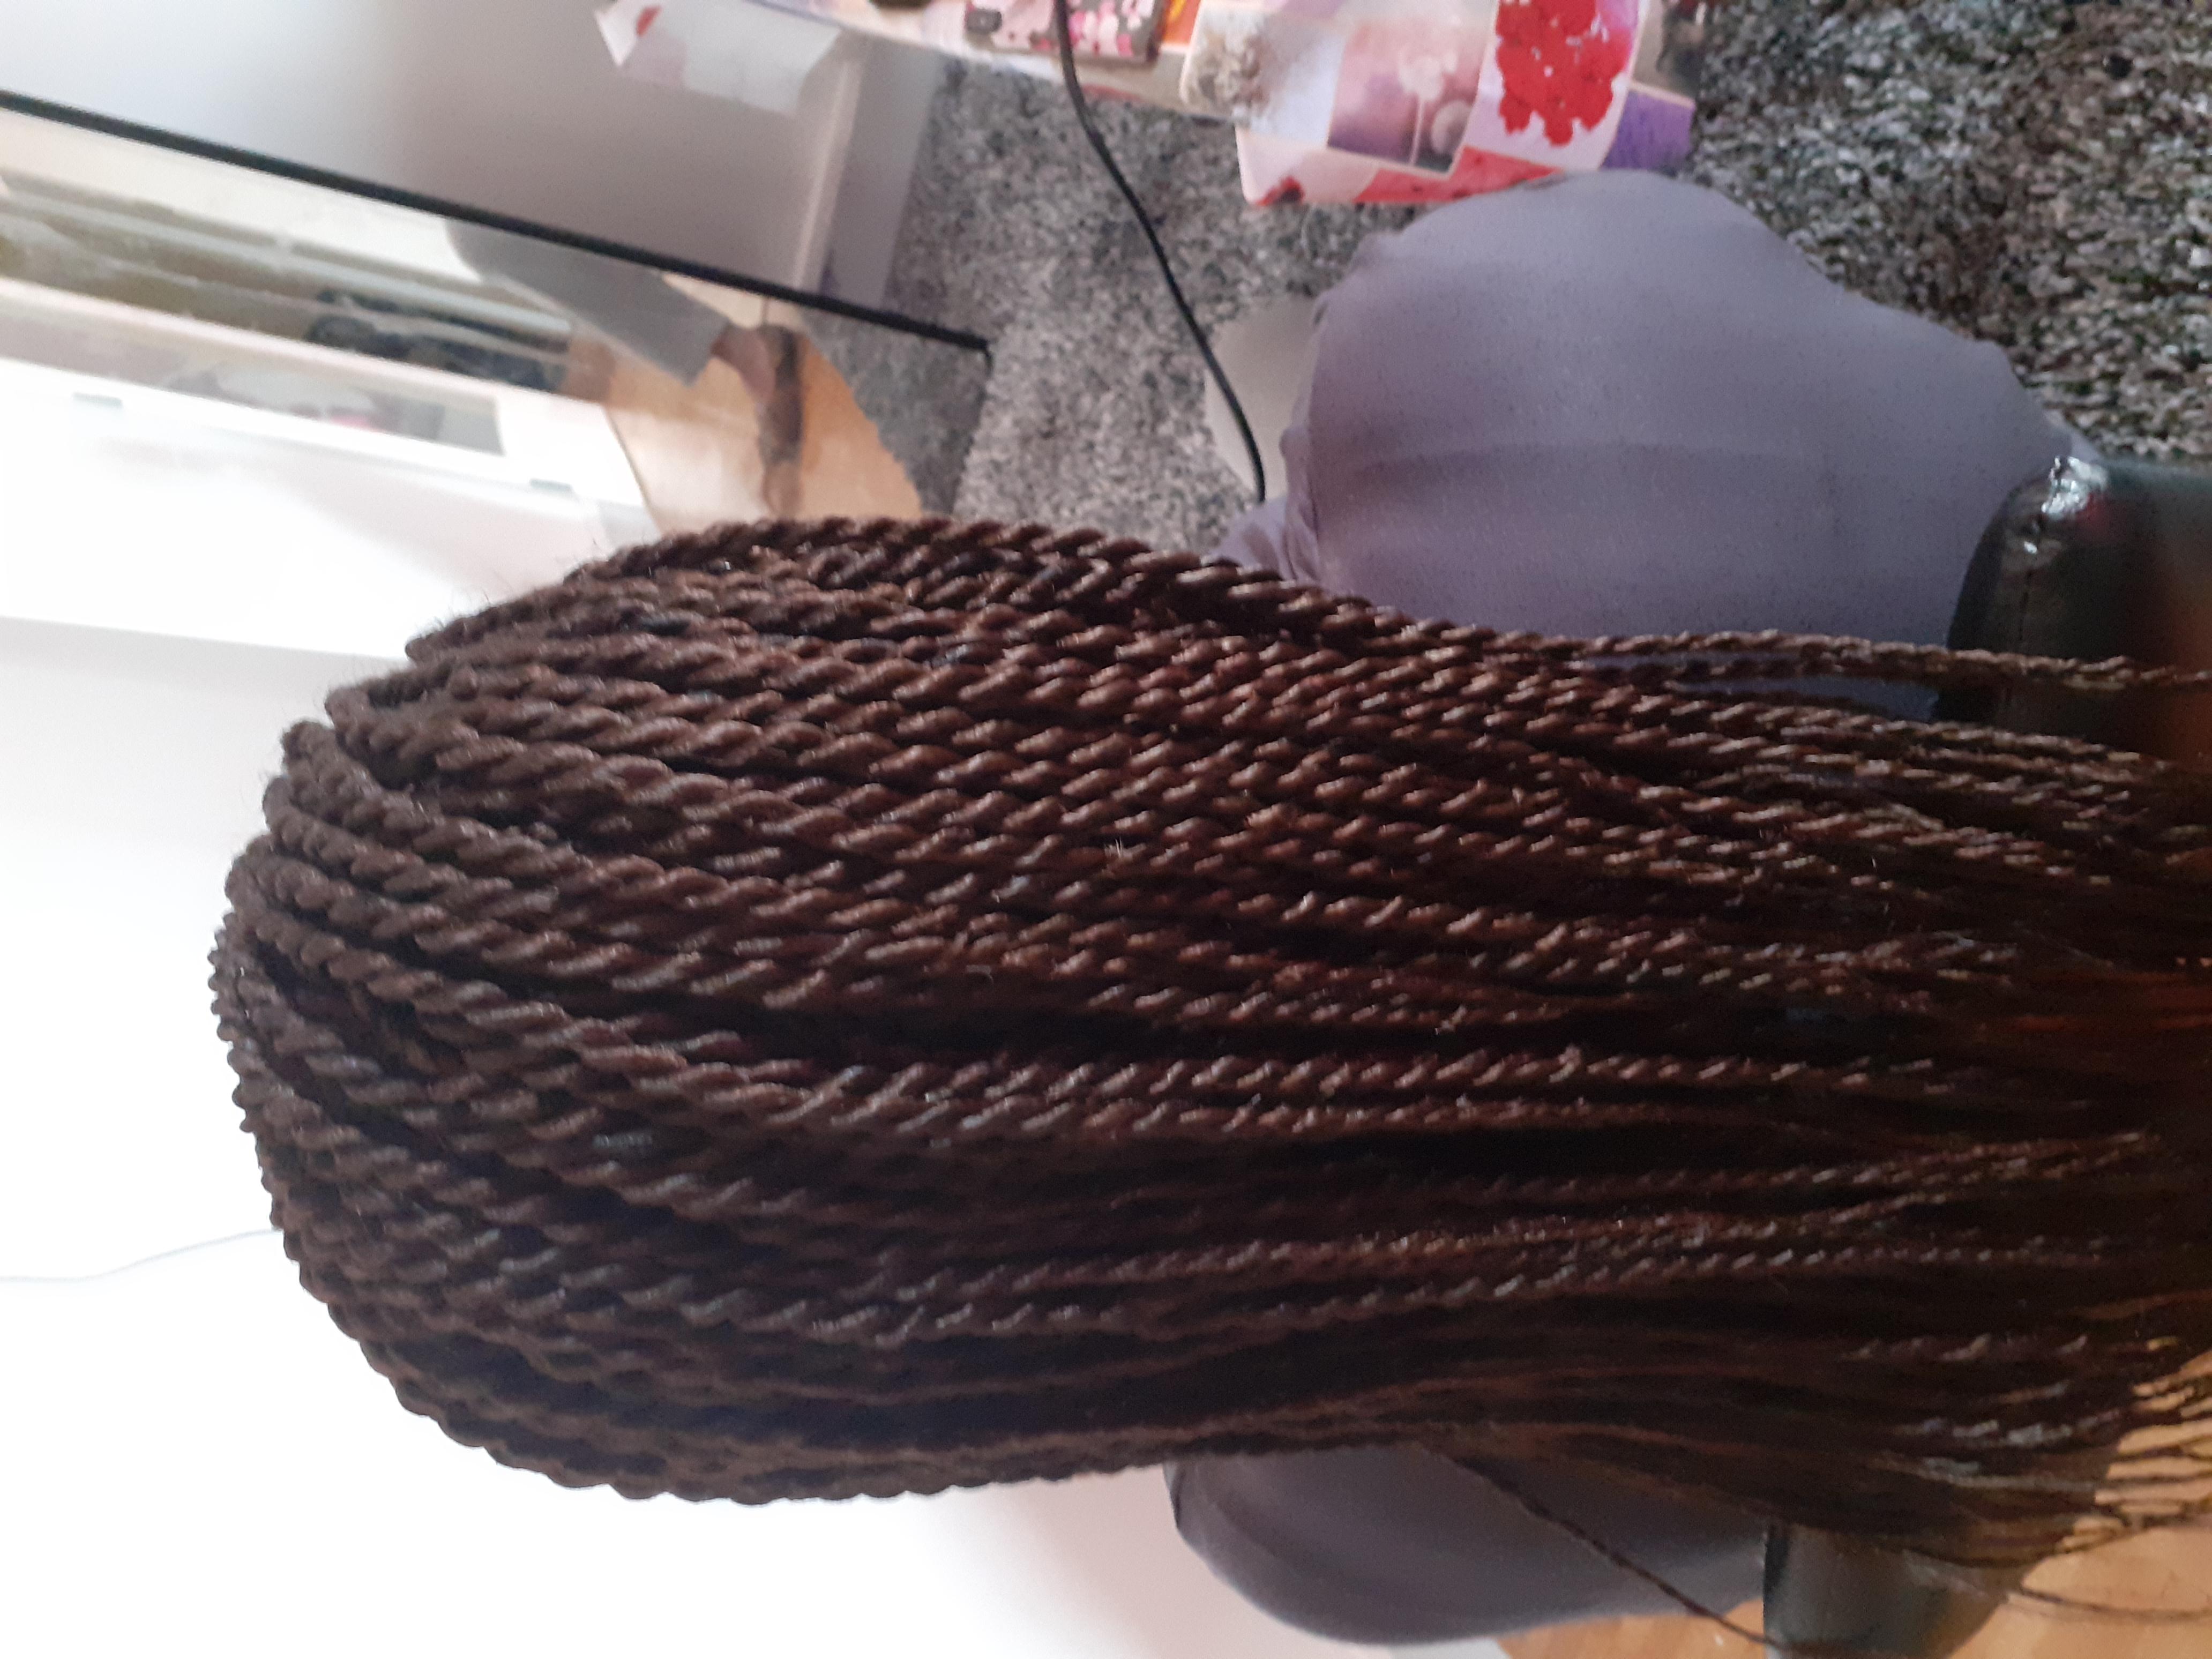 salon de coiffure afro tresse tresses box braids crochet braids vanilles tissages paris 75 77 78 91 92 93 94 95 AZATNBEC